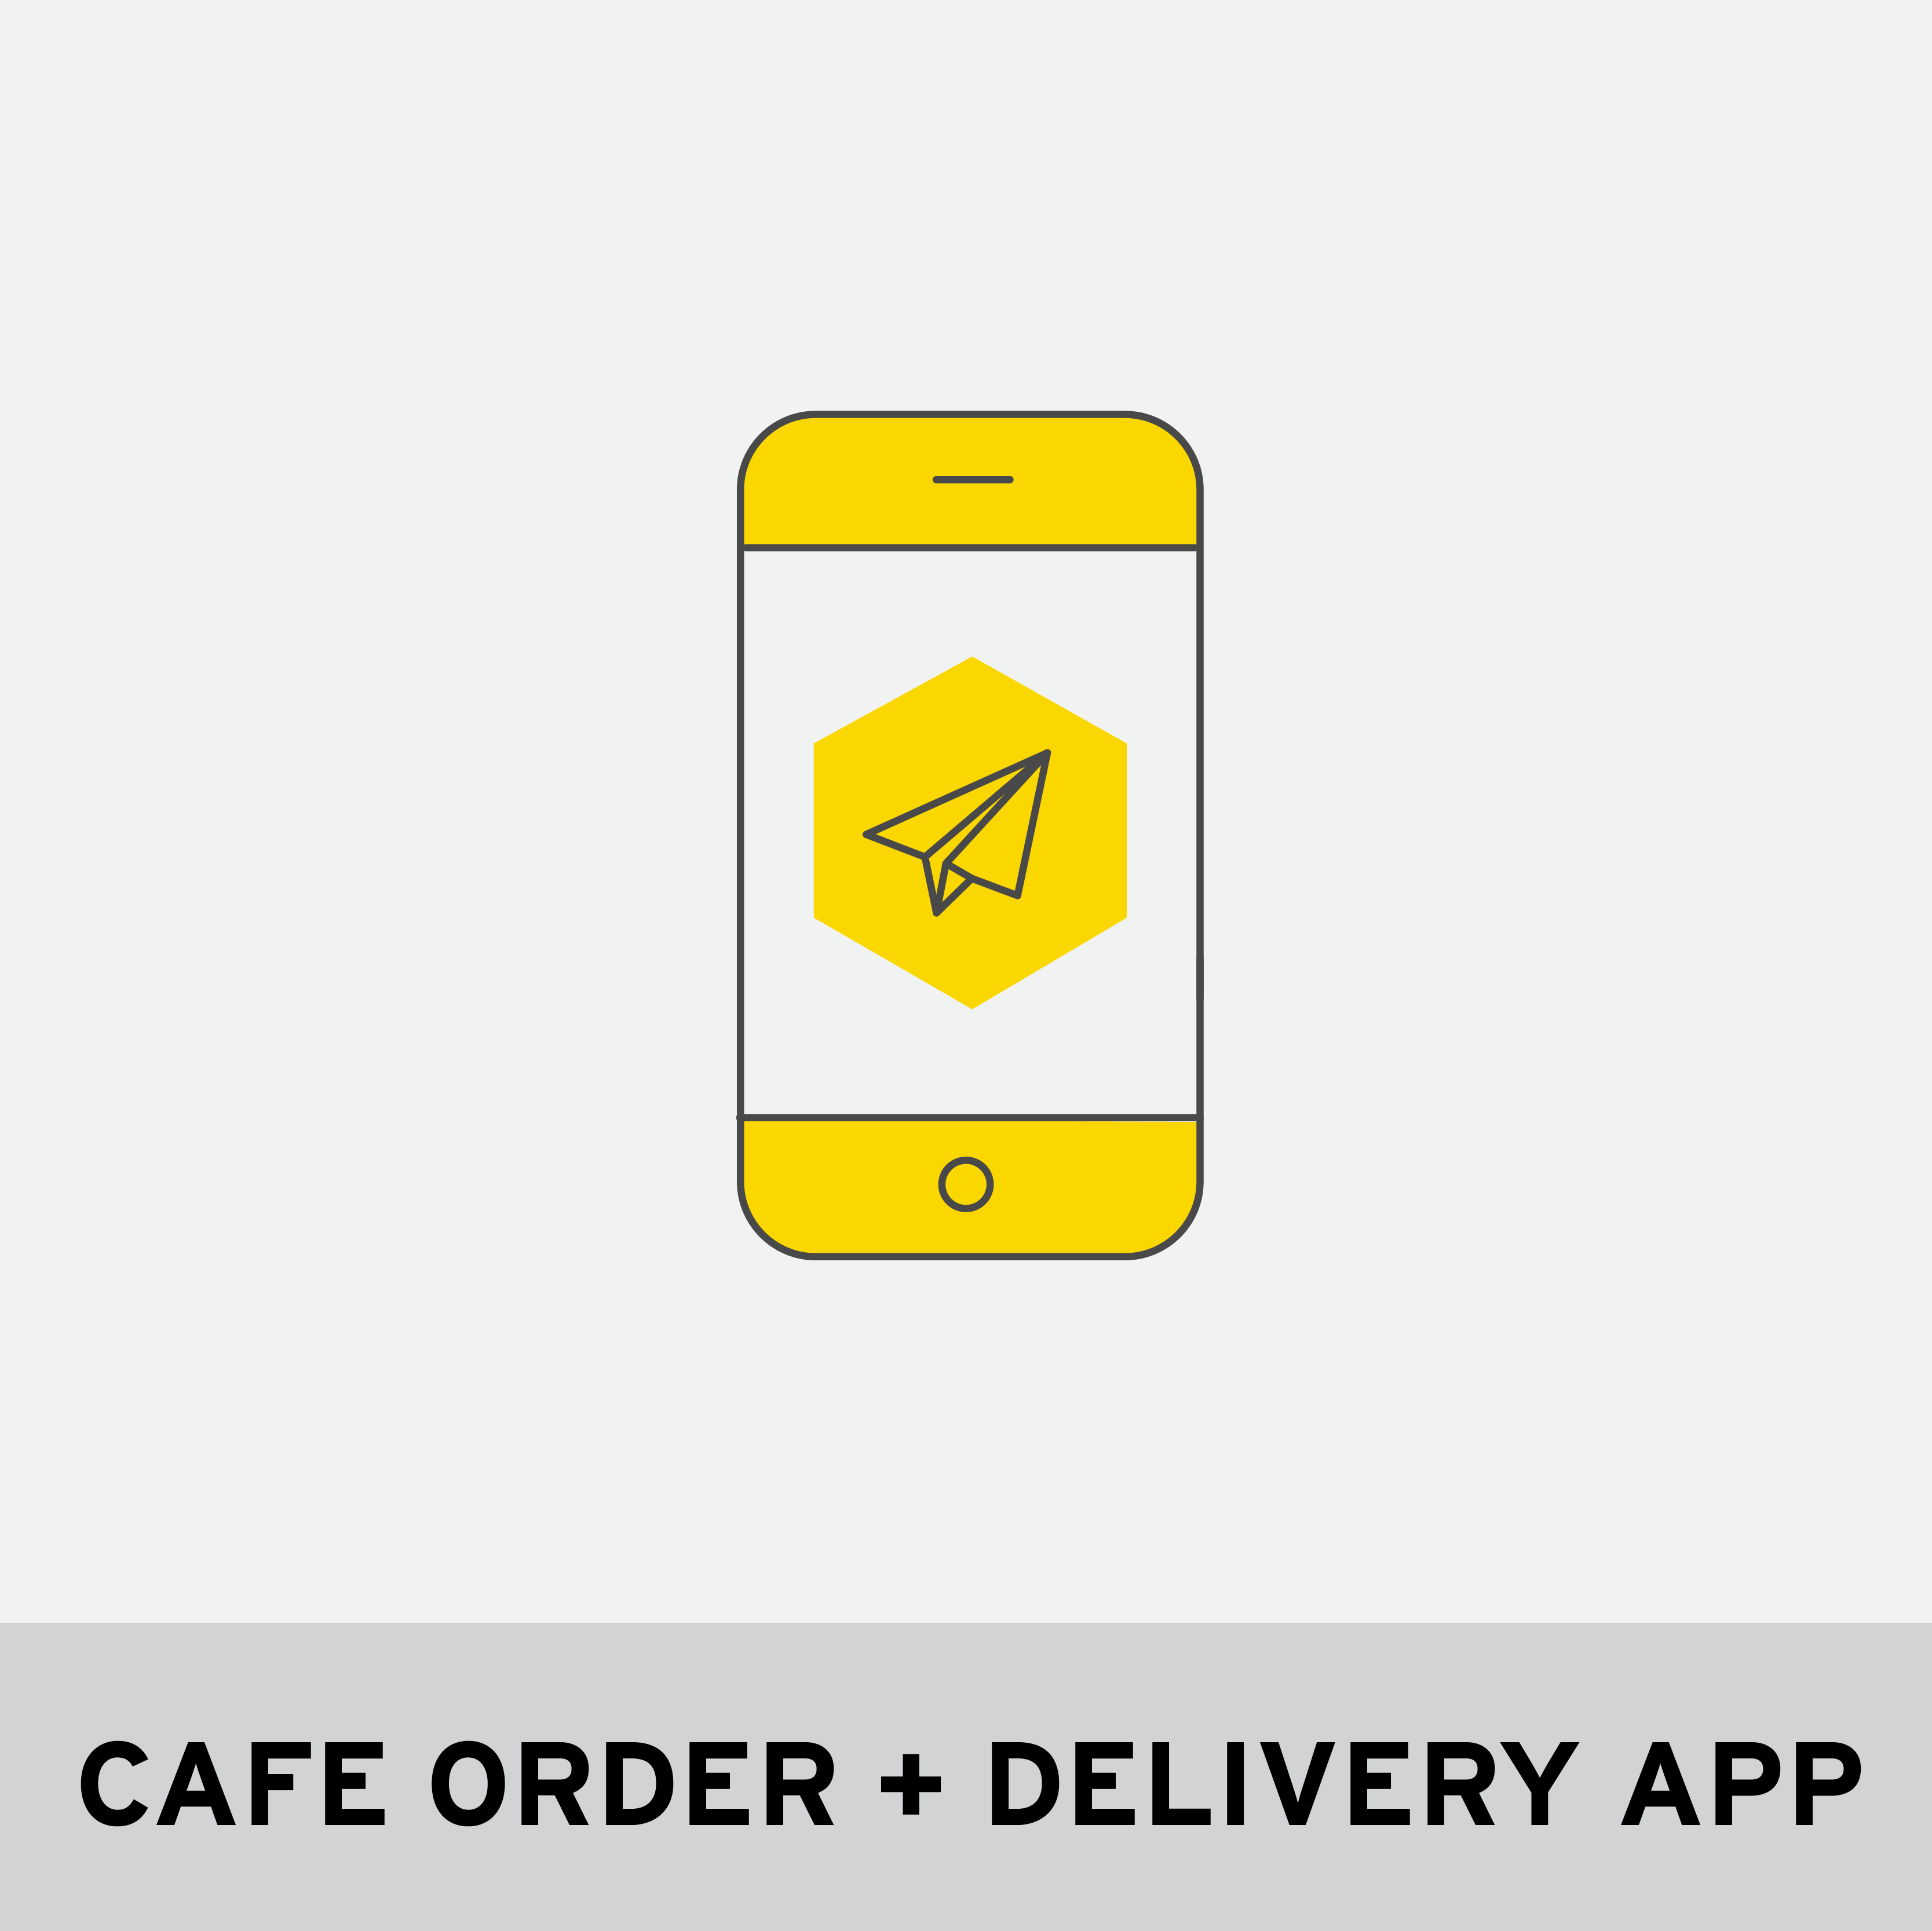 CAFE ORDER + DELIVERY APP